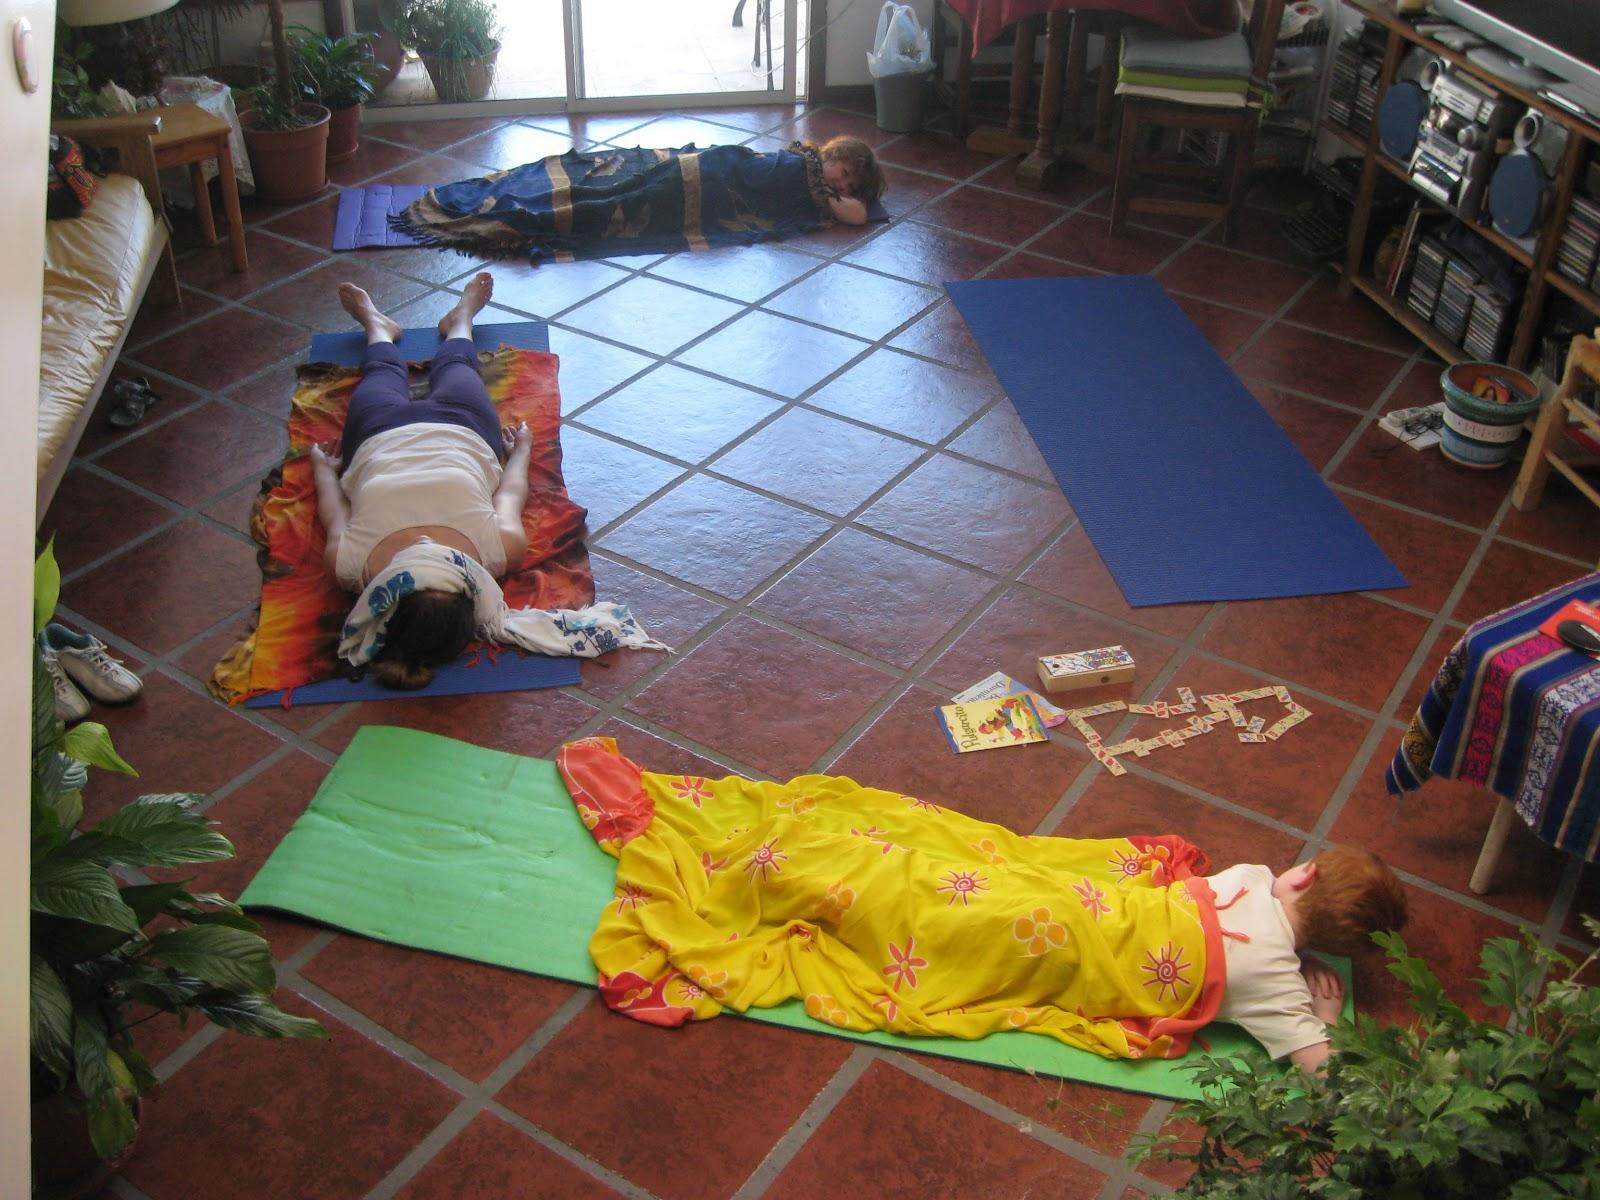 El tiempo libre de la tante mis clases de yoga en casa - Clases de yoga en casa ...